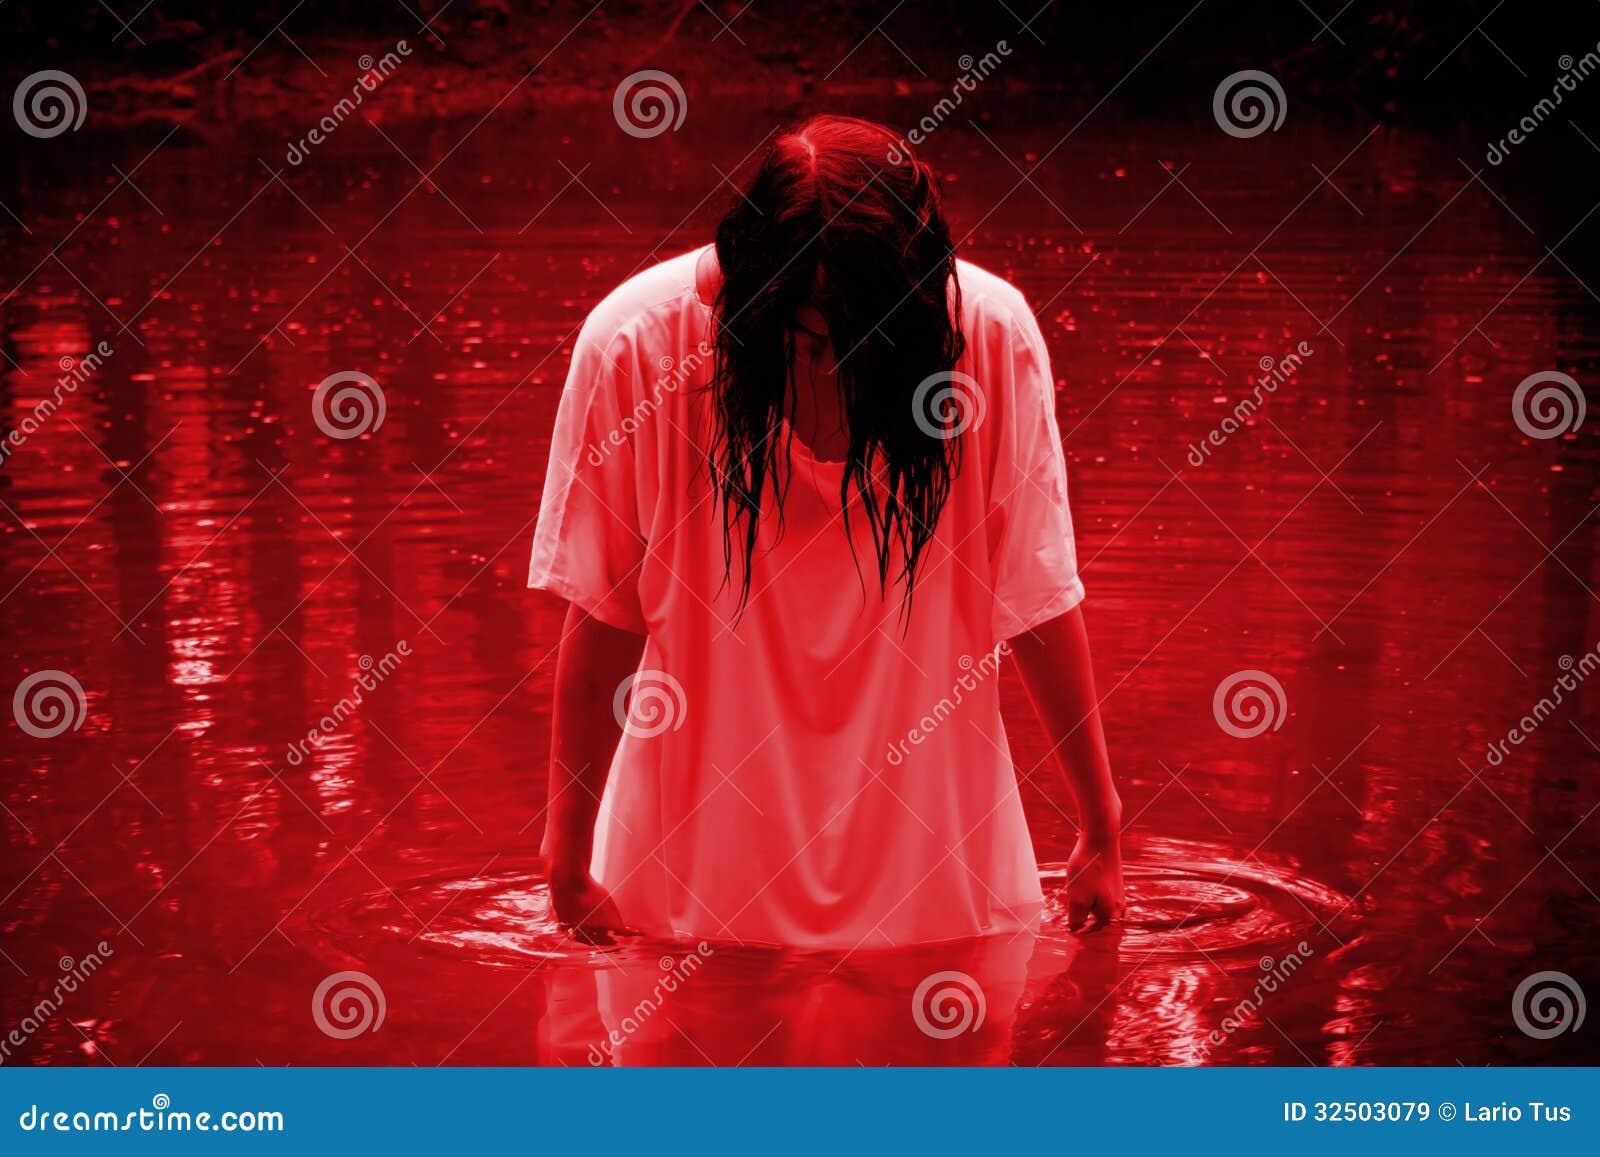 Сцена ужаса - женщина в болоте